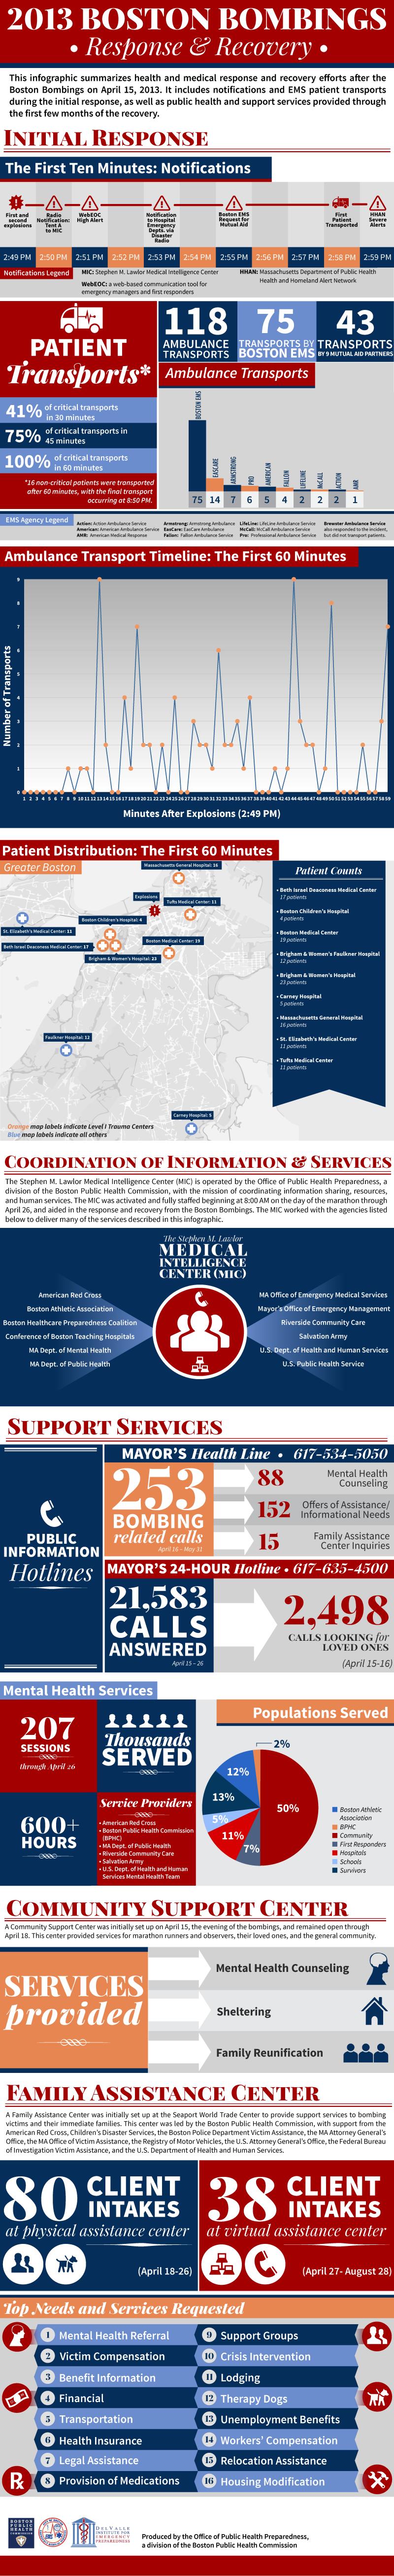 2013 Boston Bombing Infographic